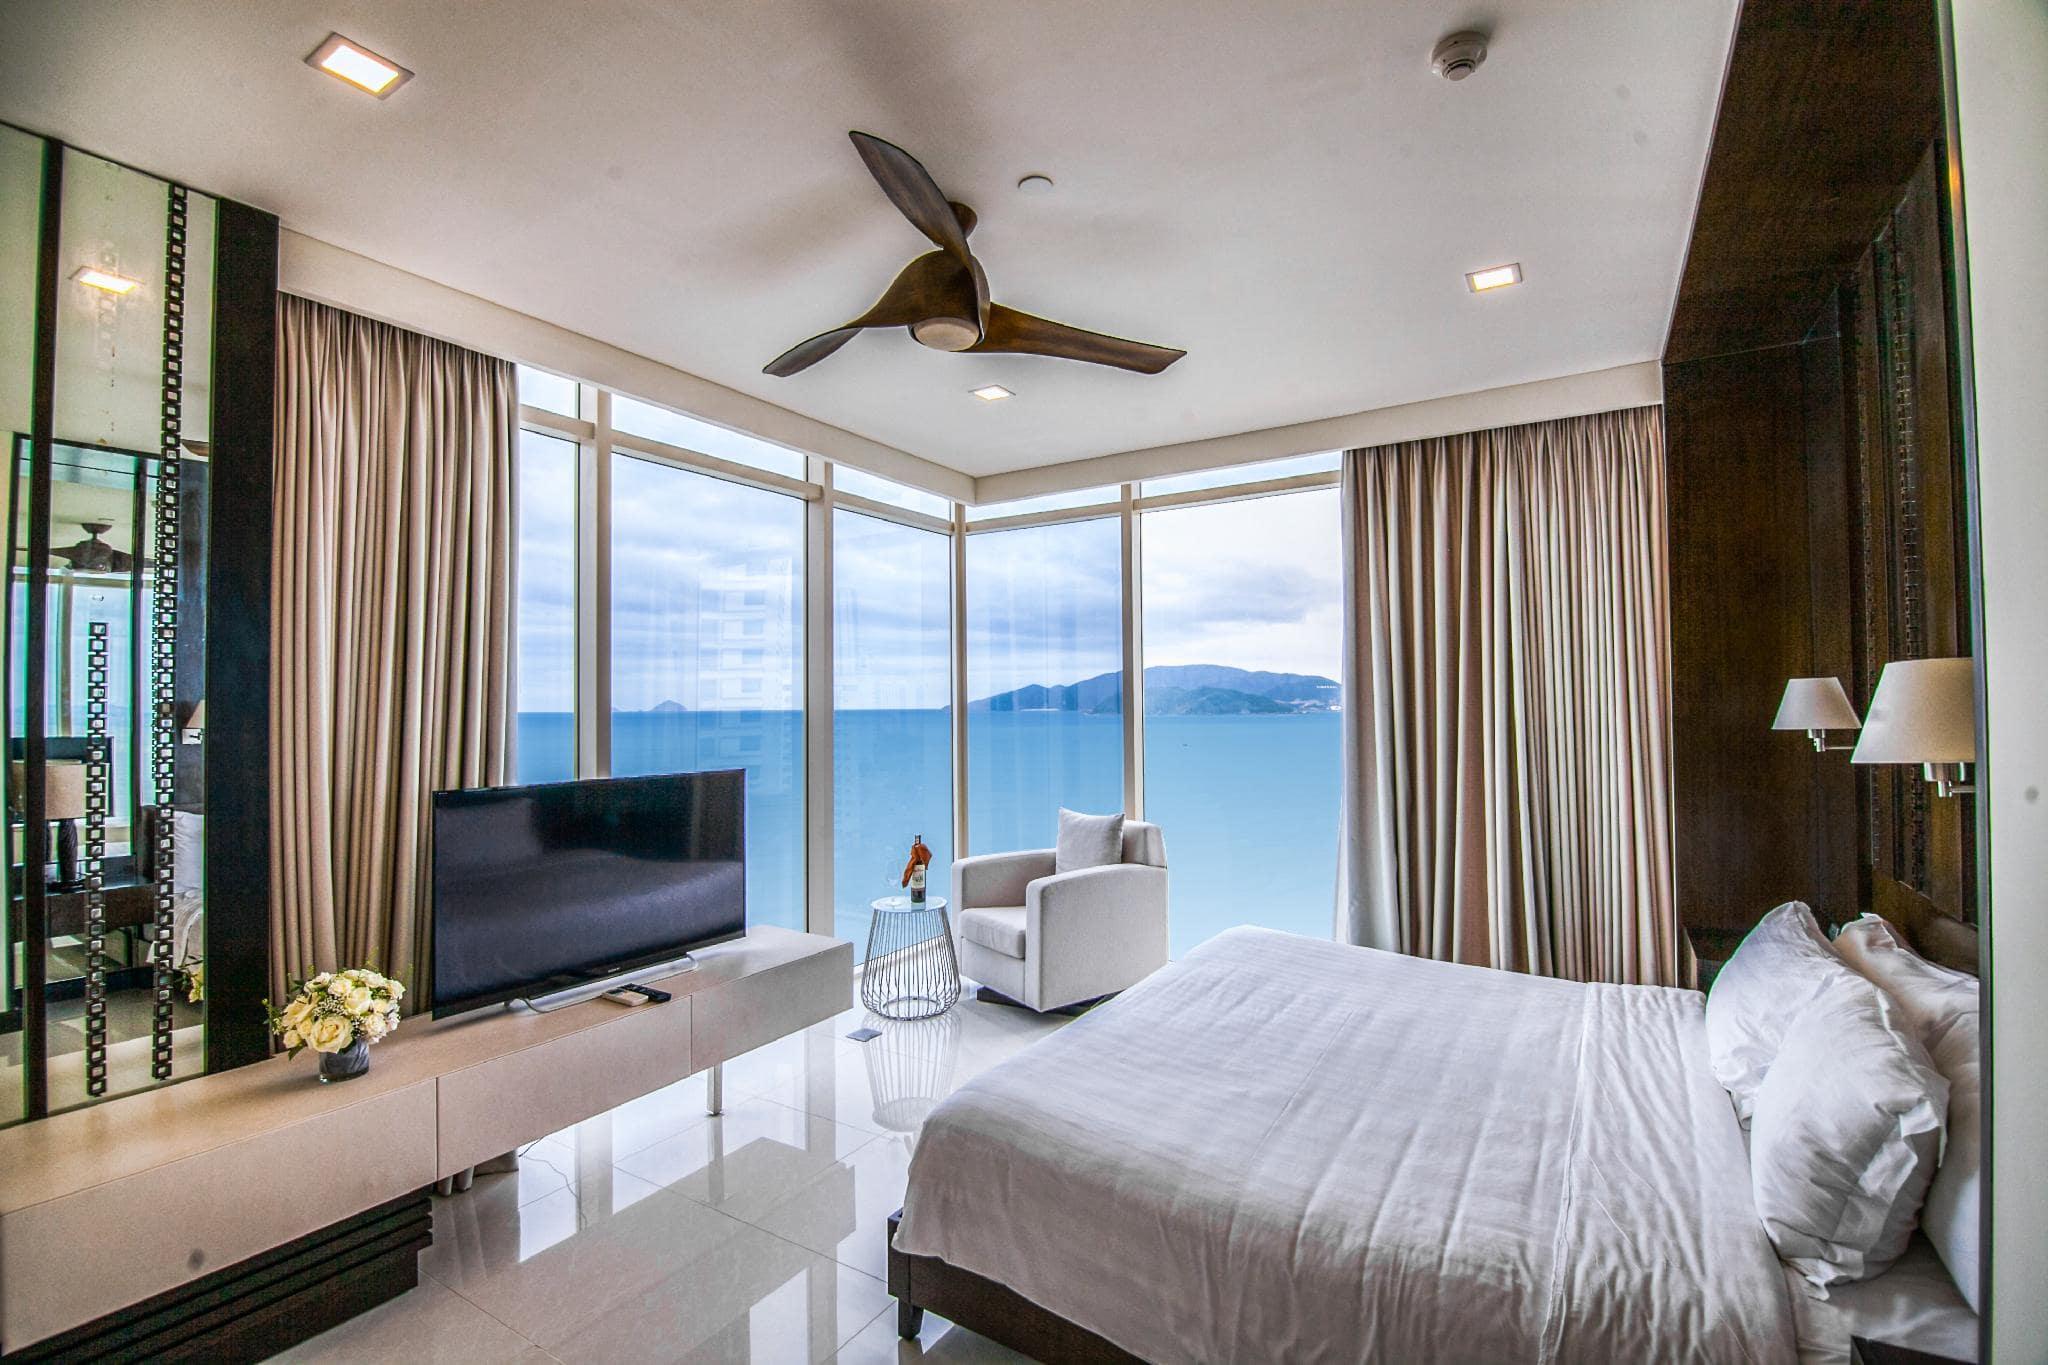 Khách Sạn Nha Trang Có Bãi Biển Riêng - The Costa Nha Trang Residences